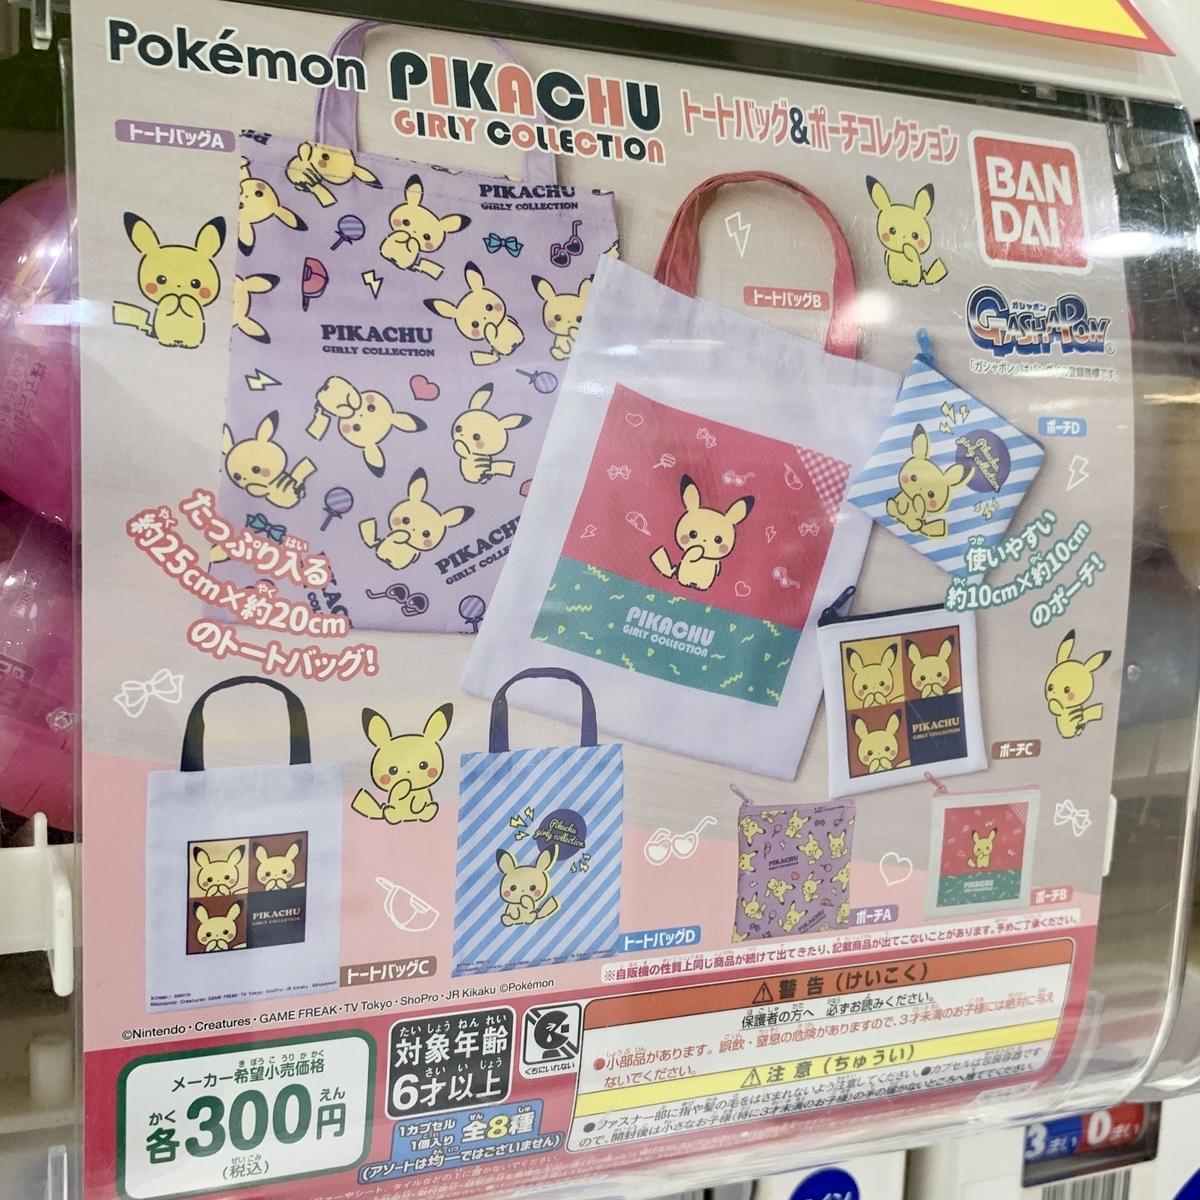 f:id:pikachu_pcn:20210904192849j:plain